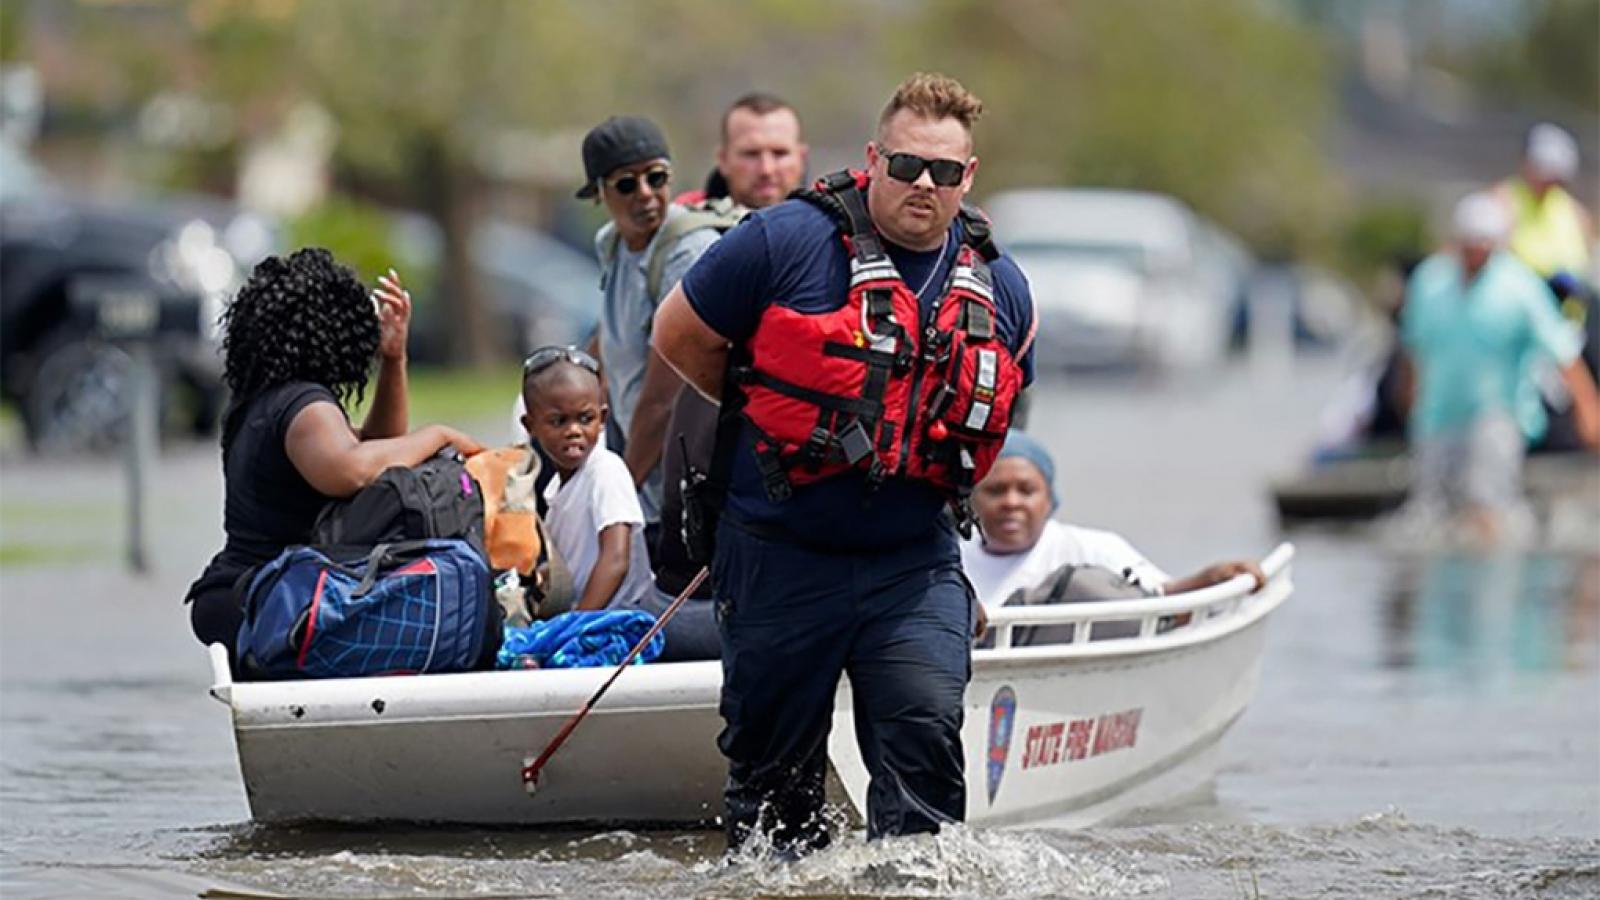 21 người thiệt mạng tại Mỹ do ảnh hưởng của bão Ida